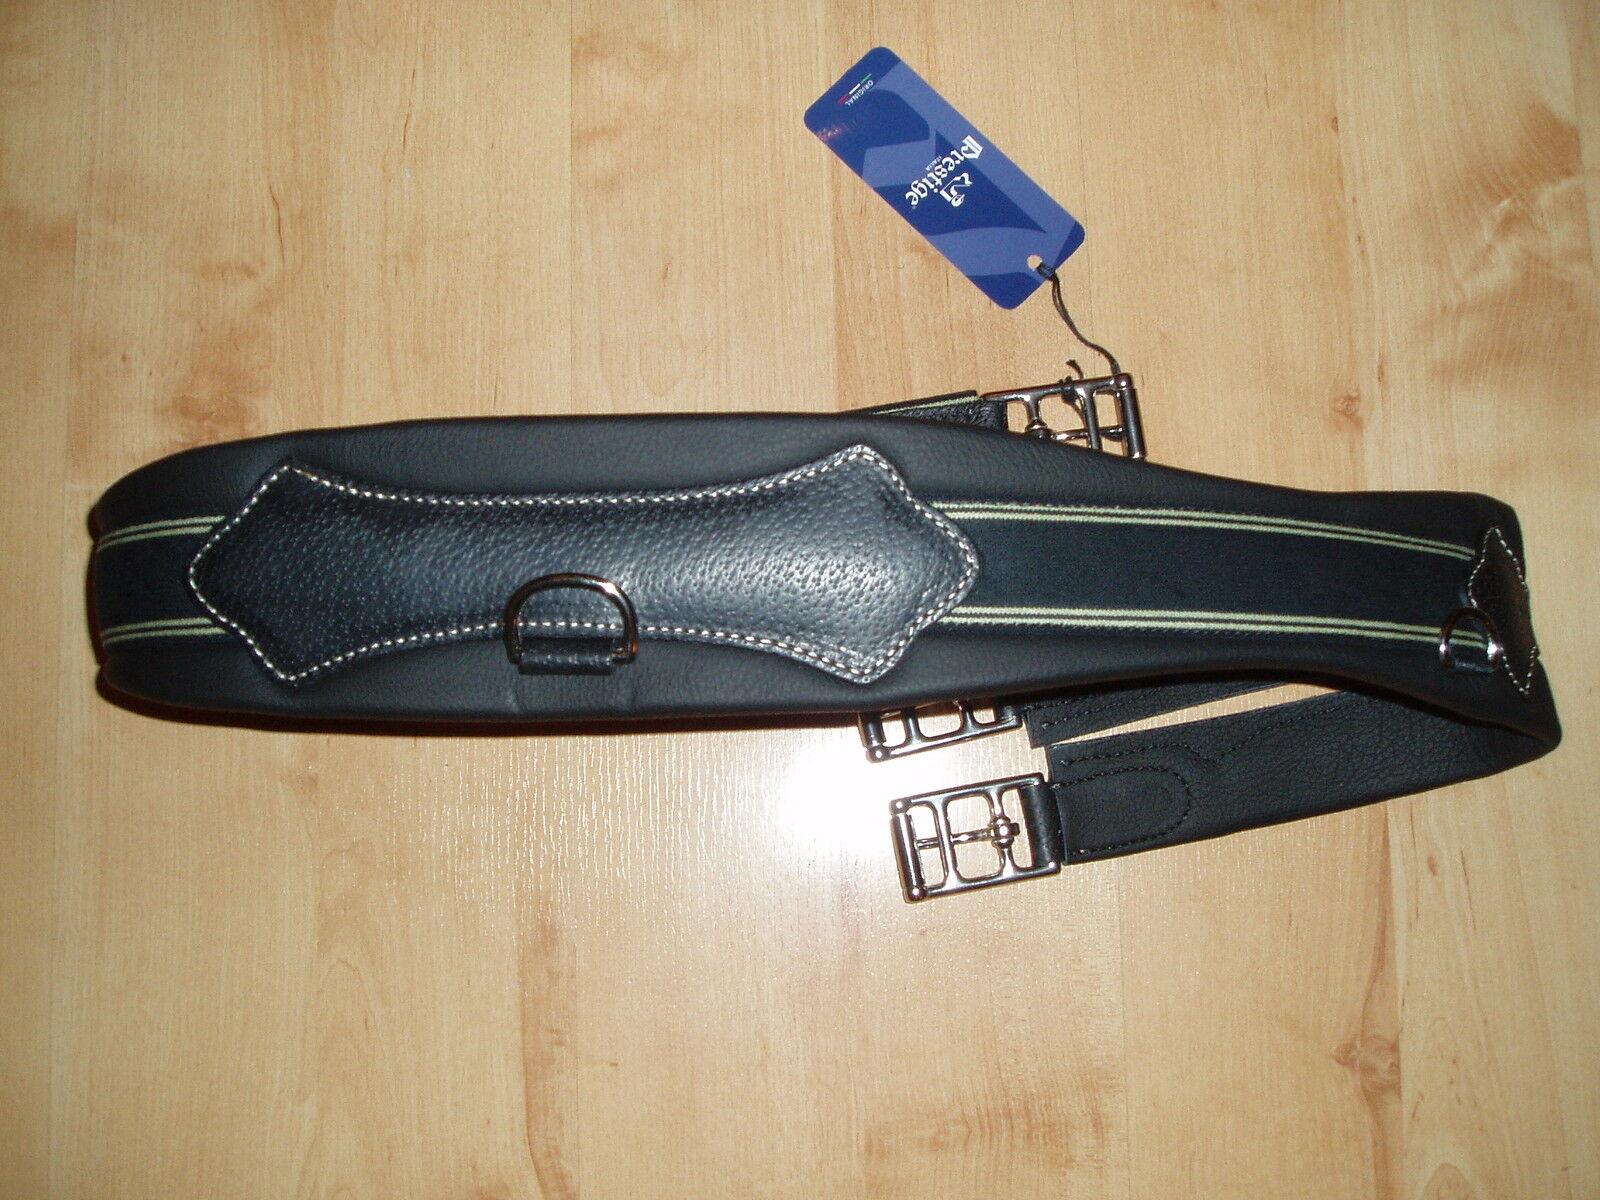 Prestige SELLA Cintura, Cuoio, lunghezza 115cm, NERO, NUOVO